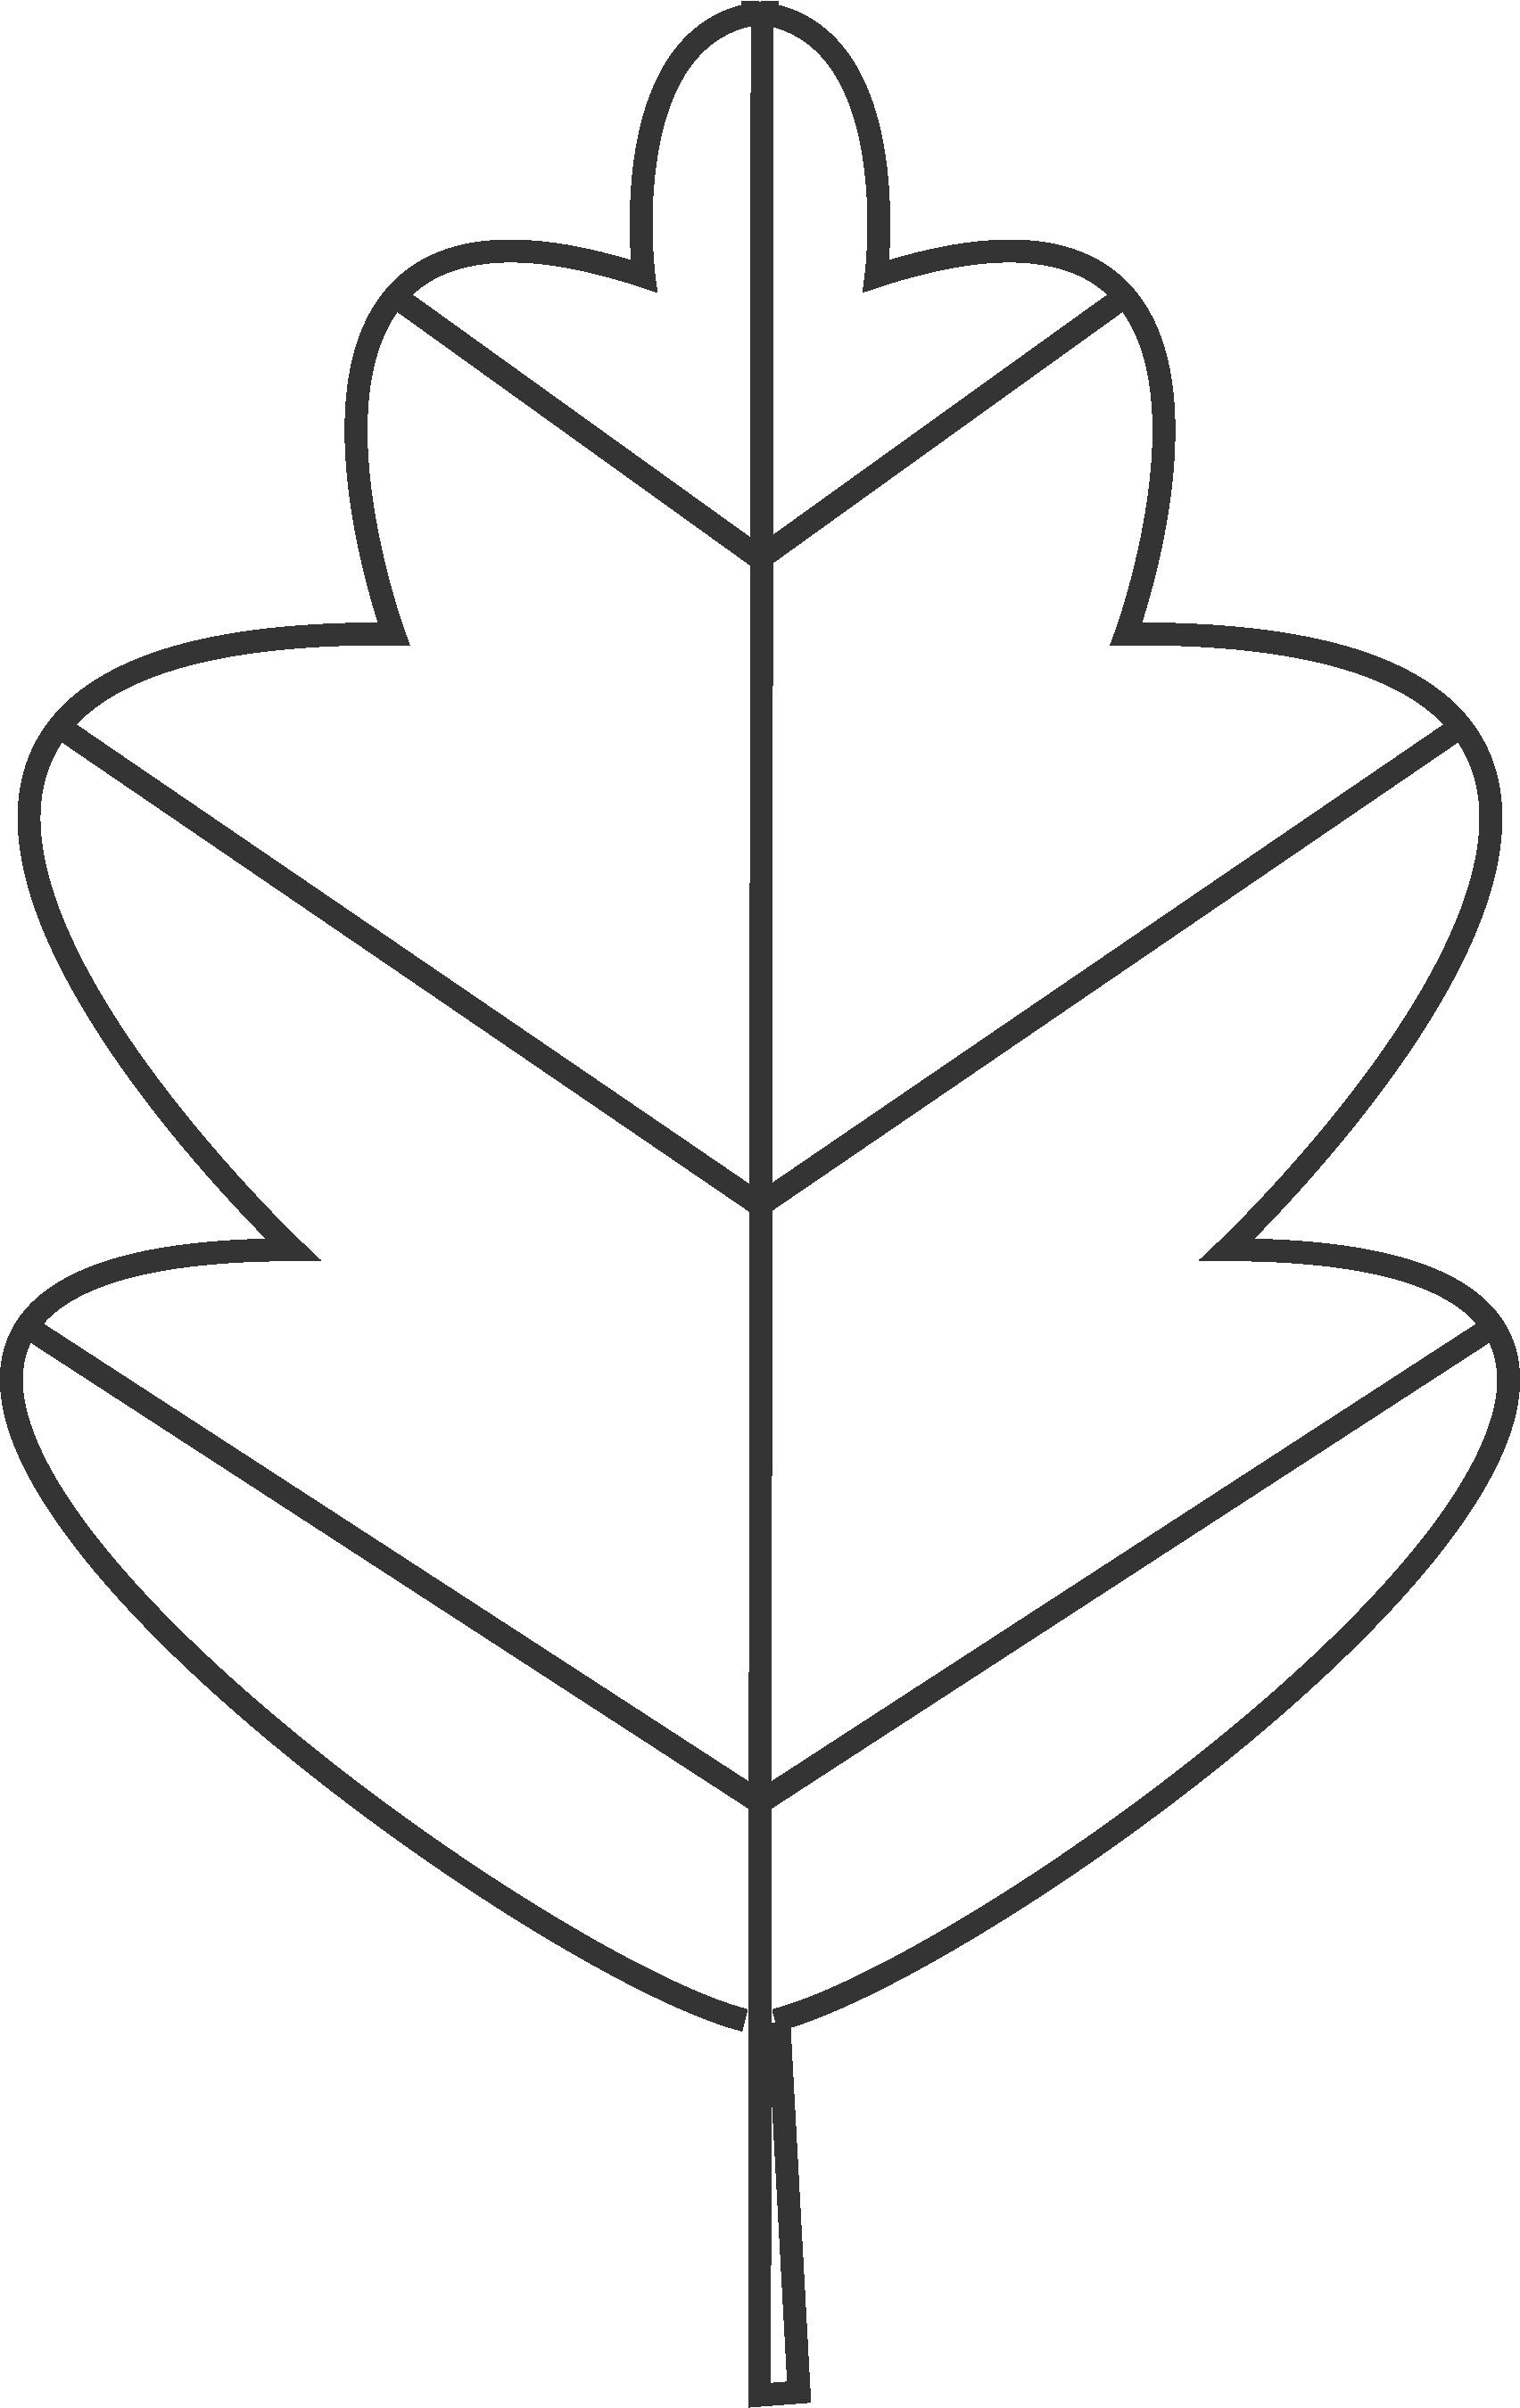 egeblad